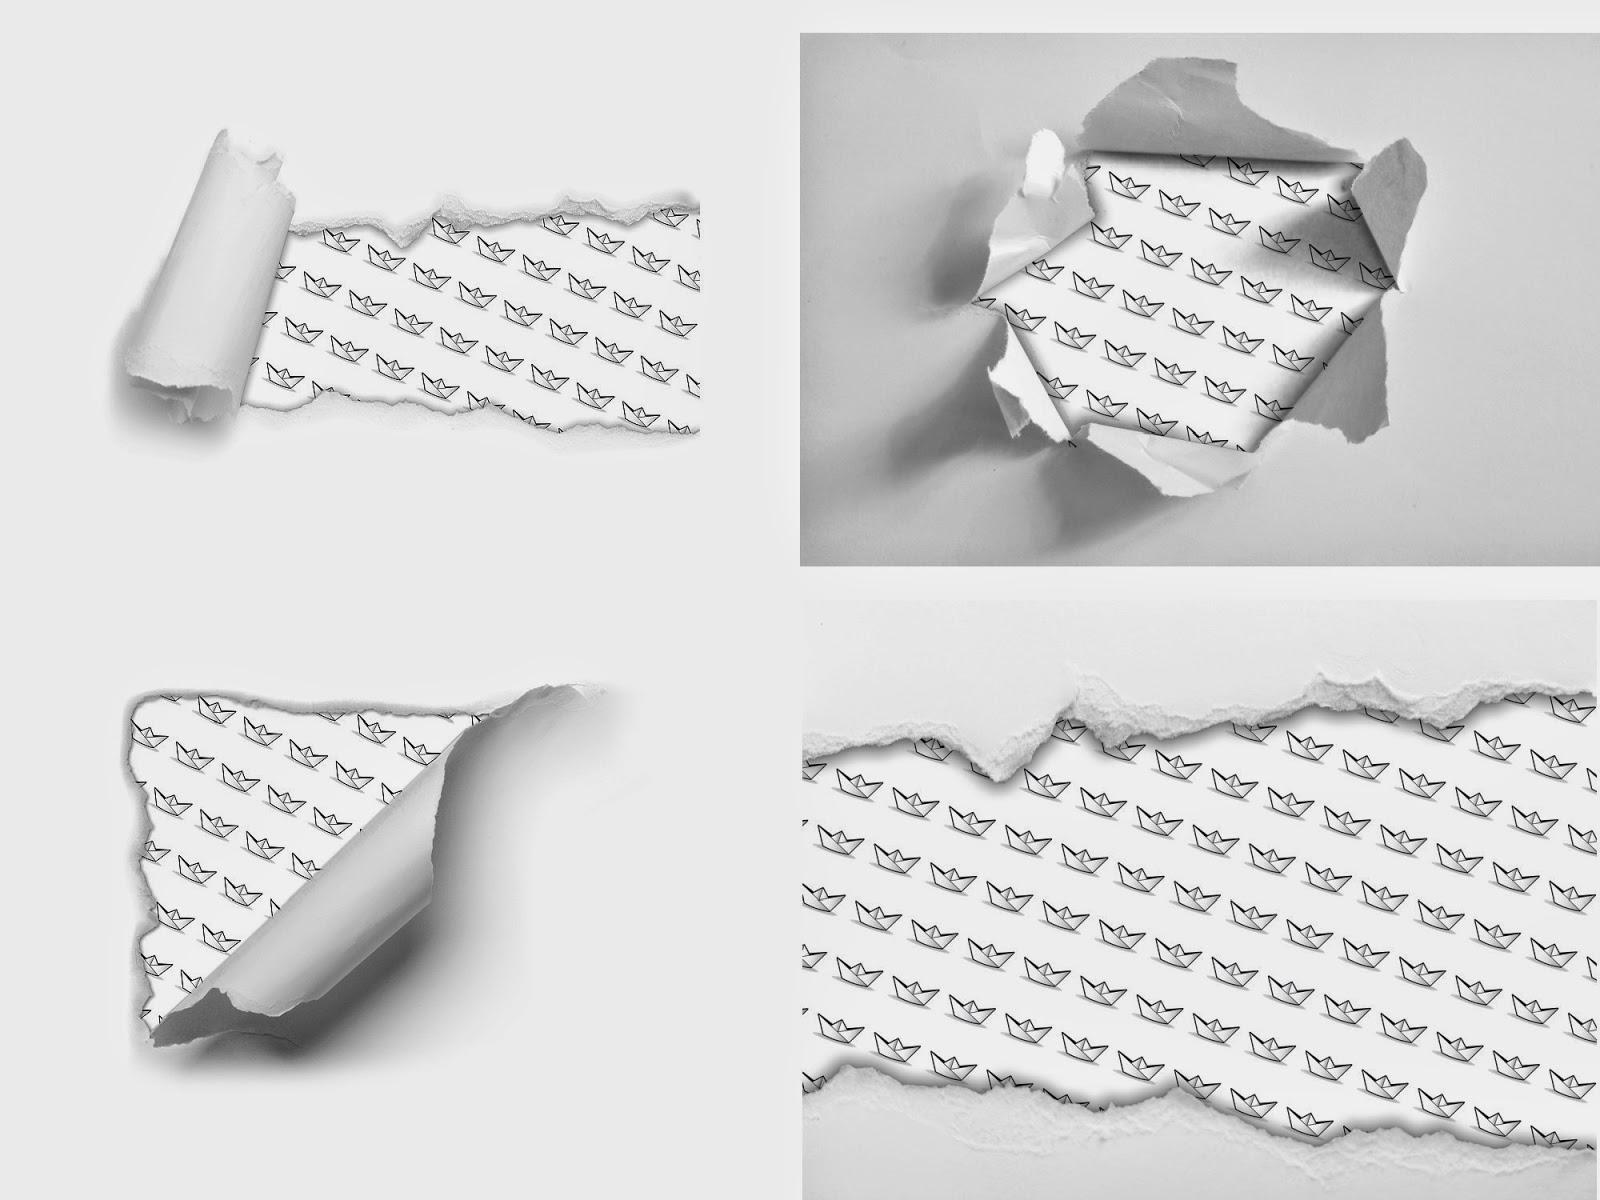 Как сделать порванный лист вшопе